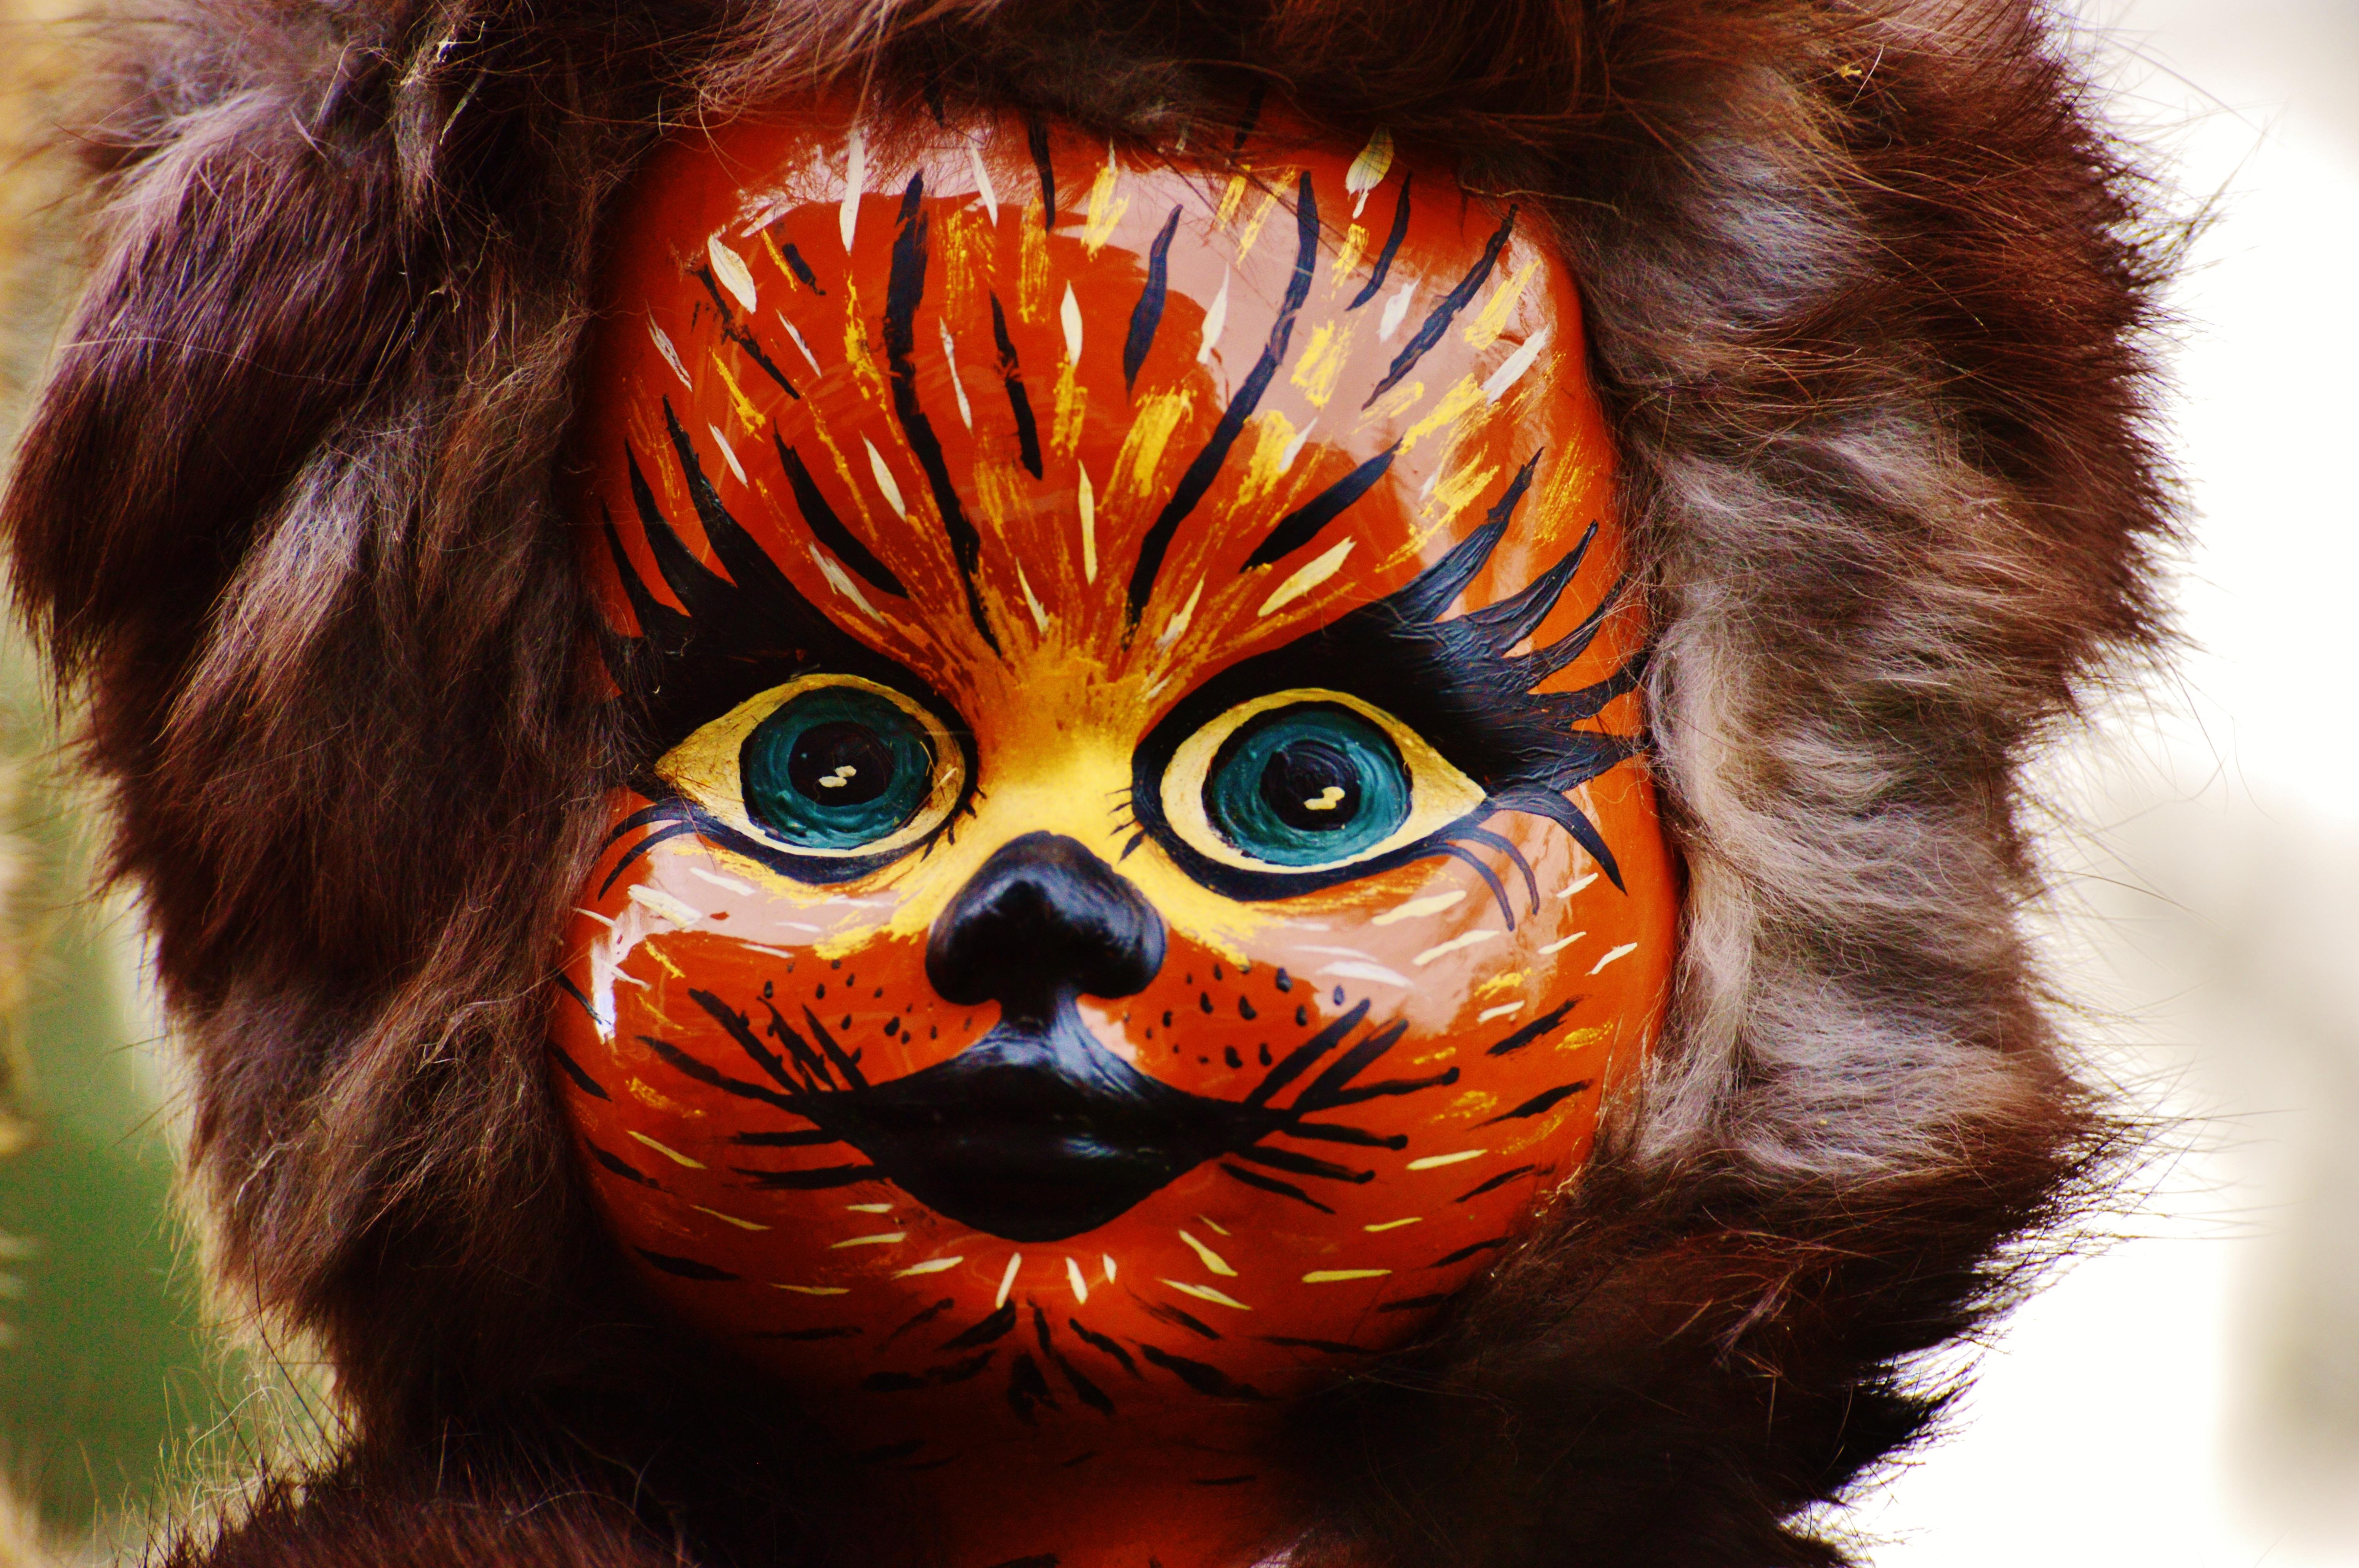 Fotograf Kurk Karnaval Kedi Renk Aslan Boyama Kutlamak